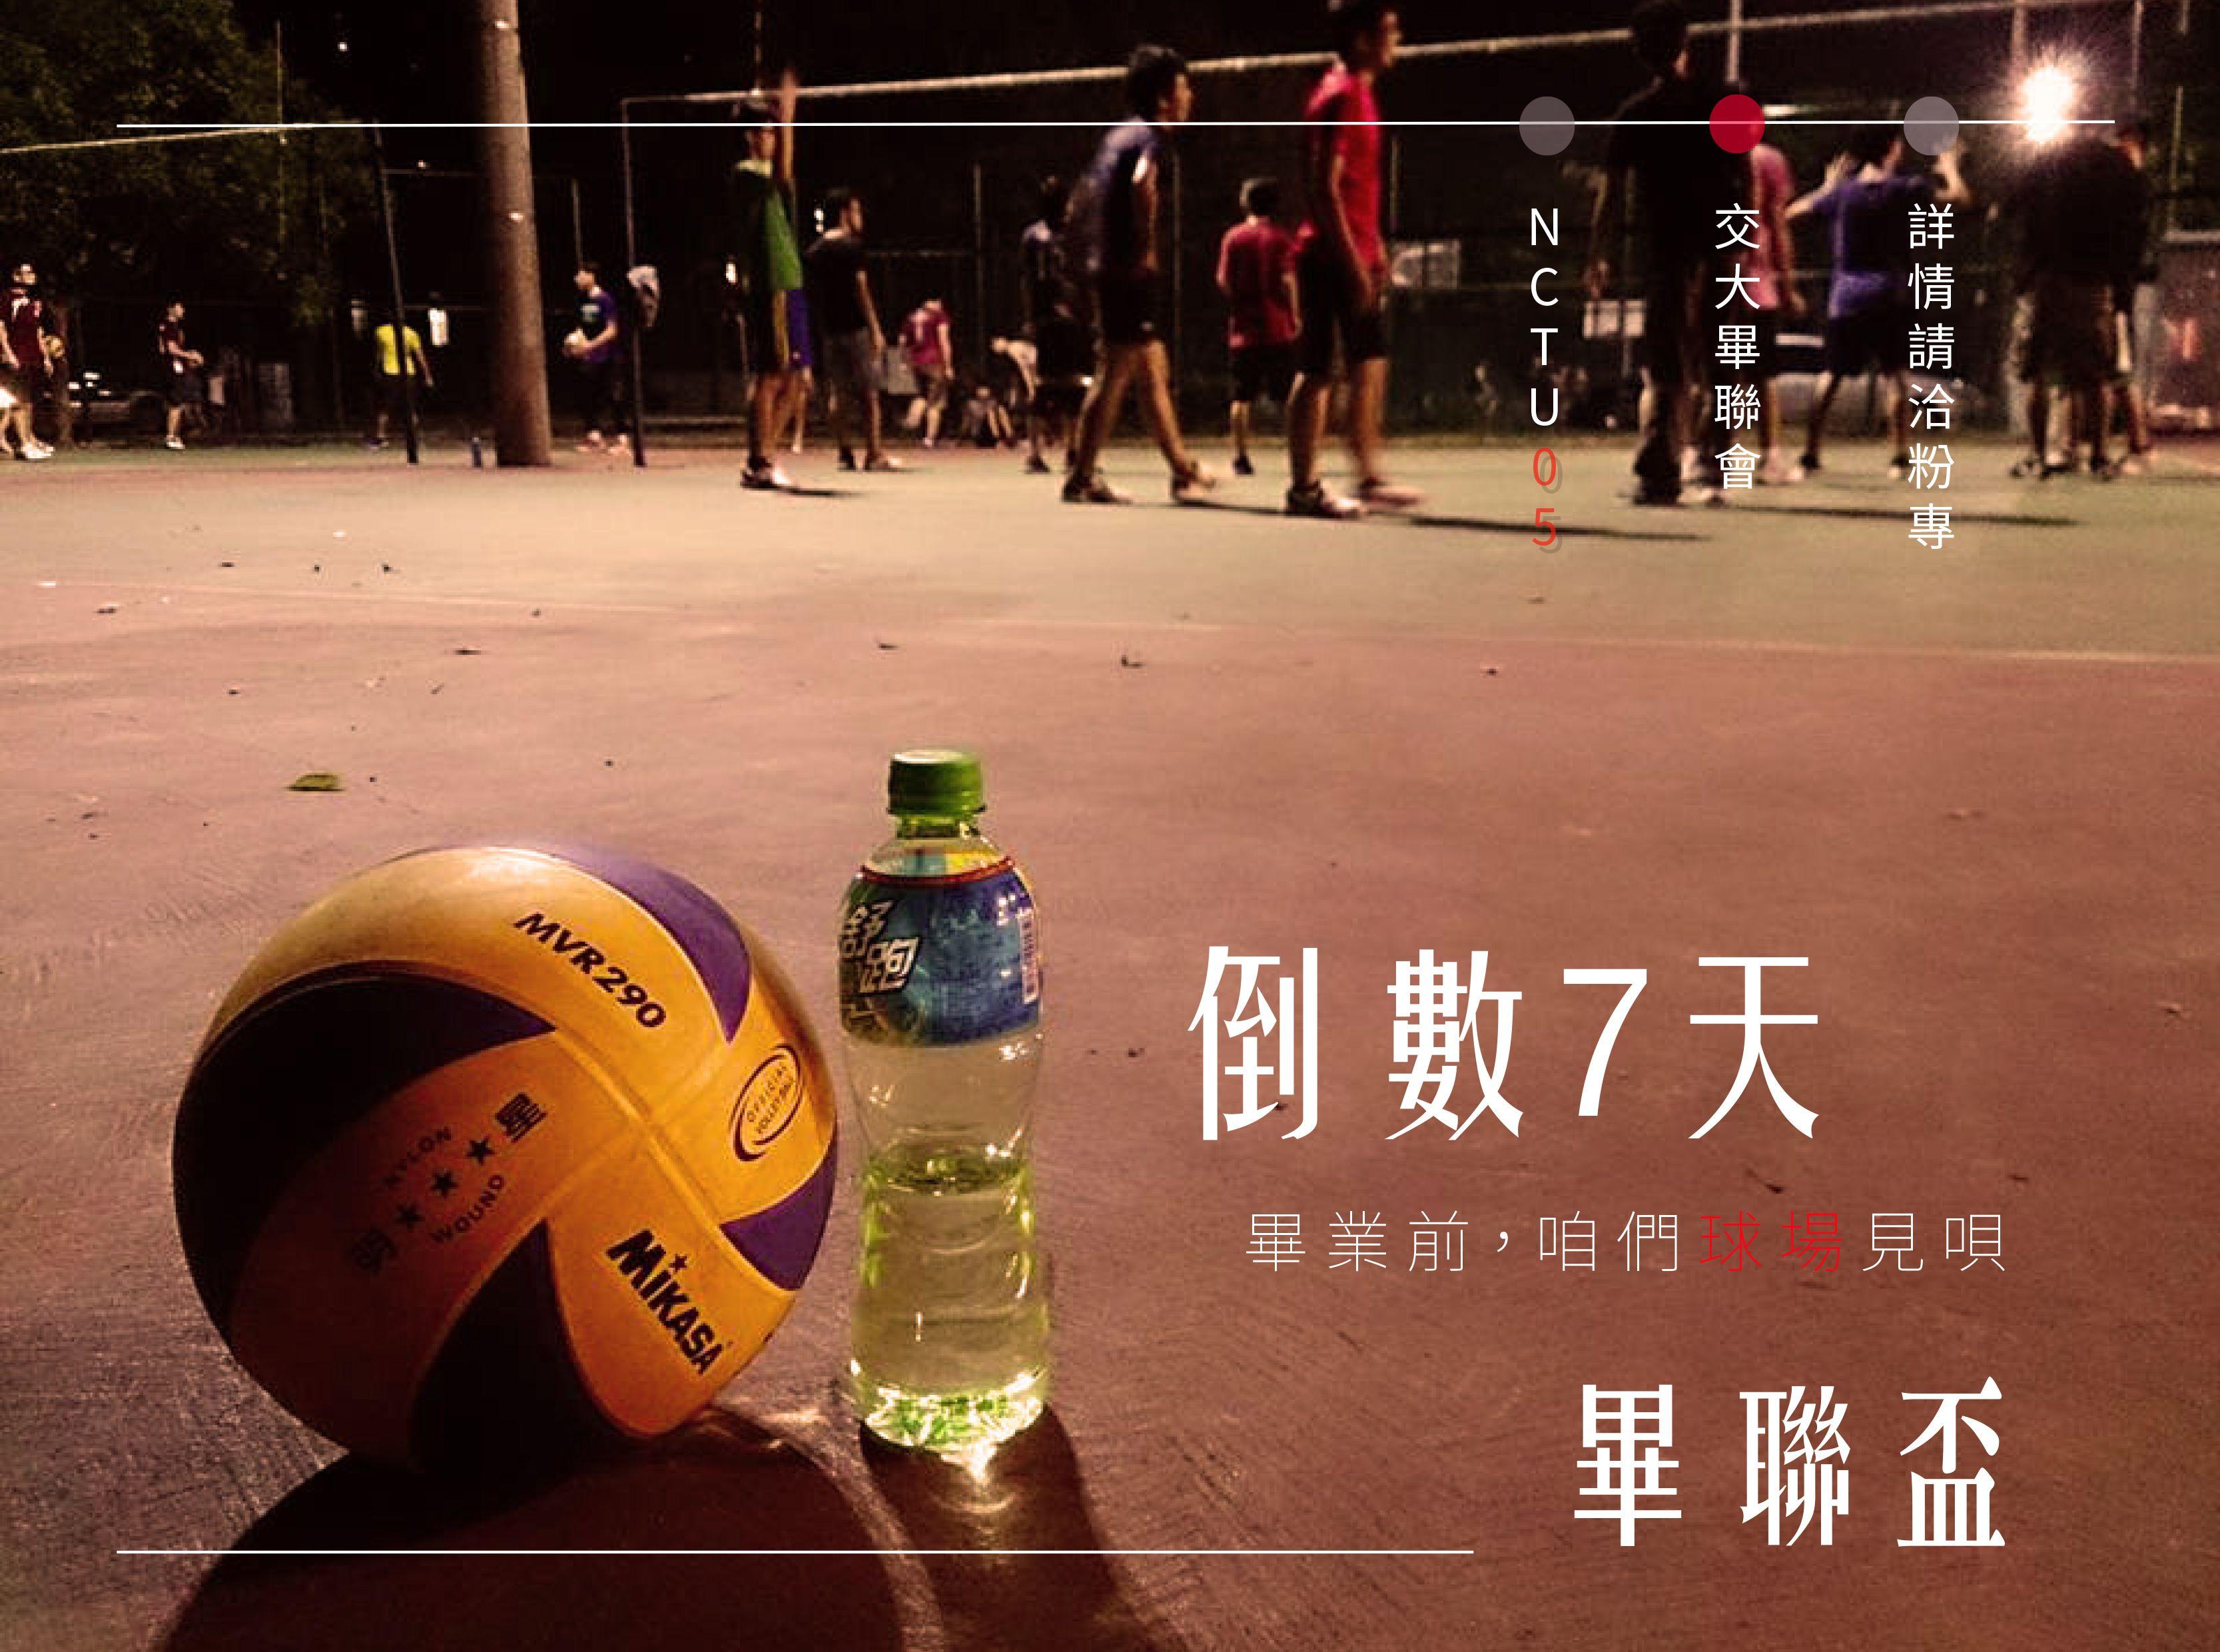 畢聯盃倒數7天照 Ball exercises, Exercise, Gym